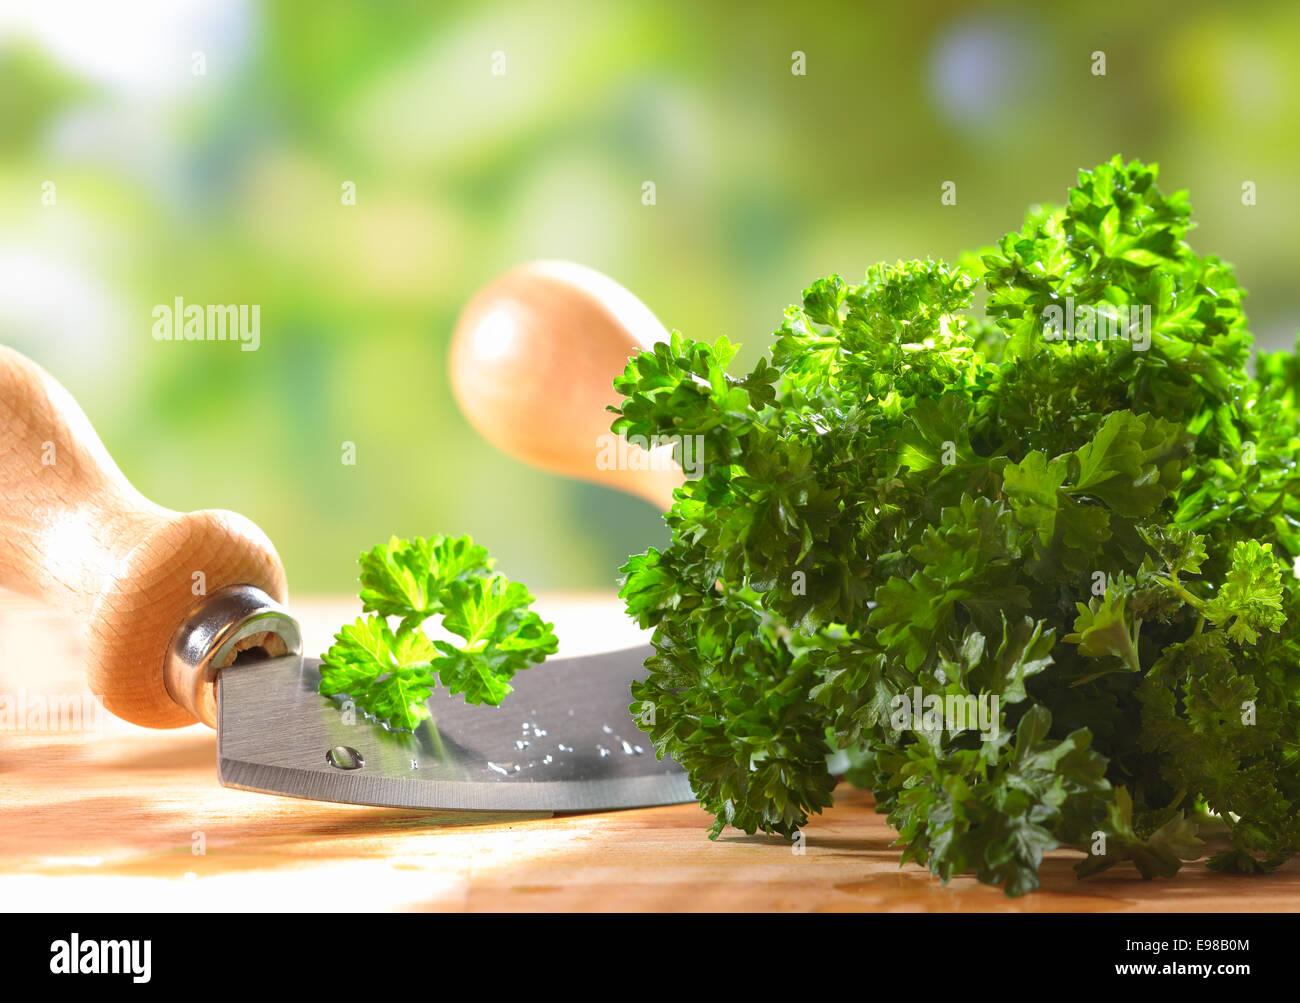 Libre d'un tas de persil plat frais vert crinkly allongé sur une table en bois en plein air avec une lame de couteau Banque D'Images